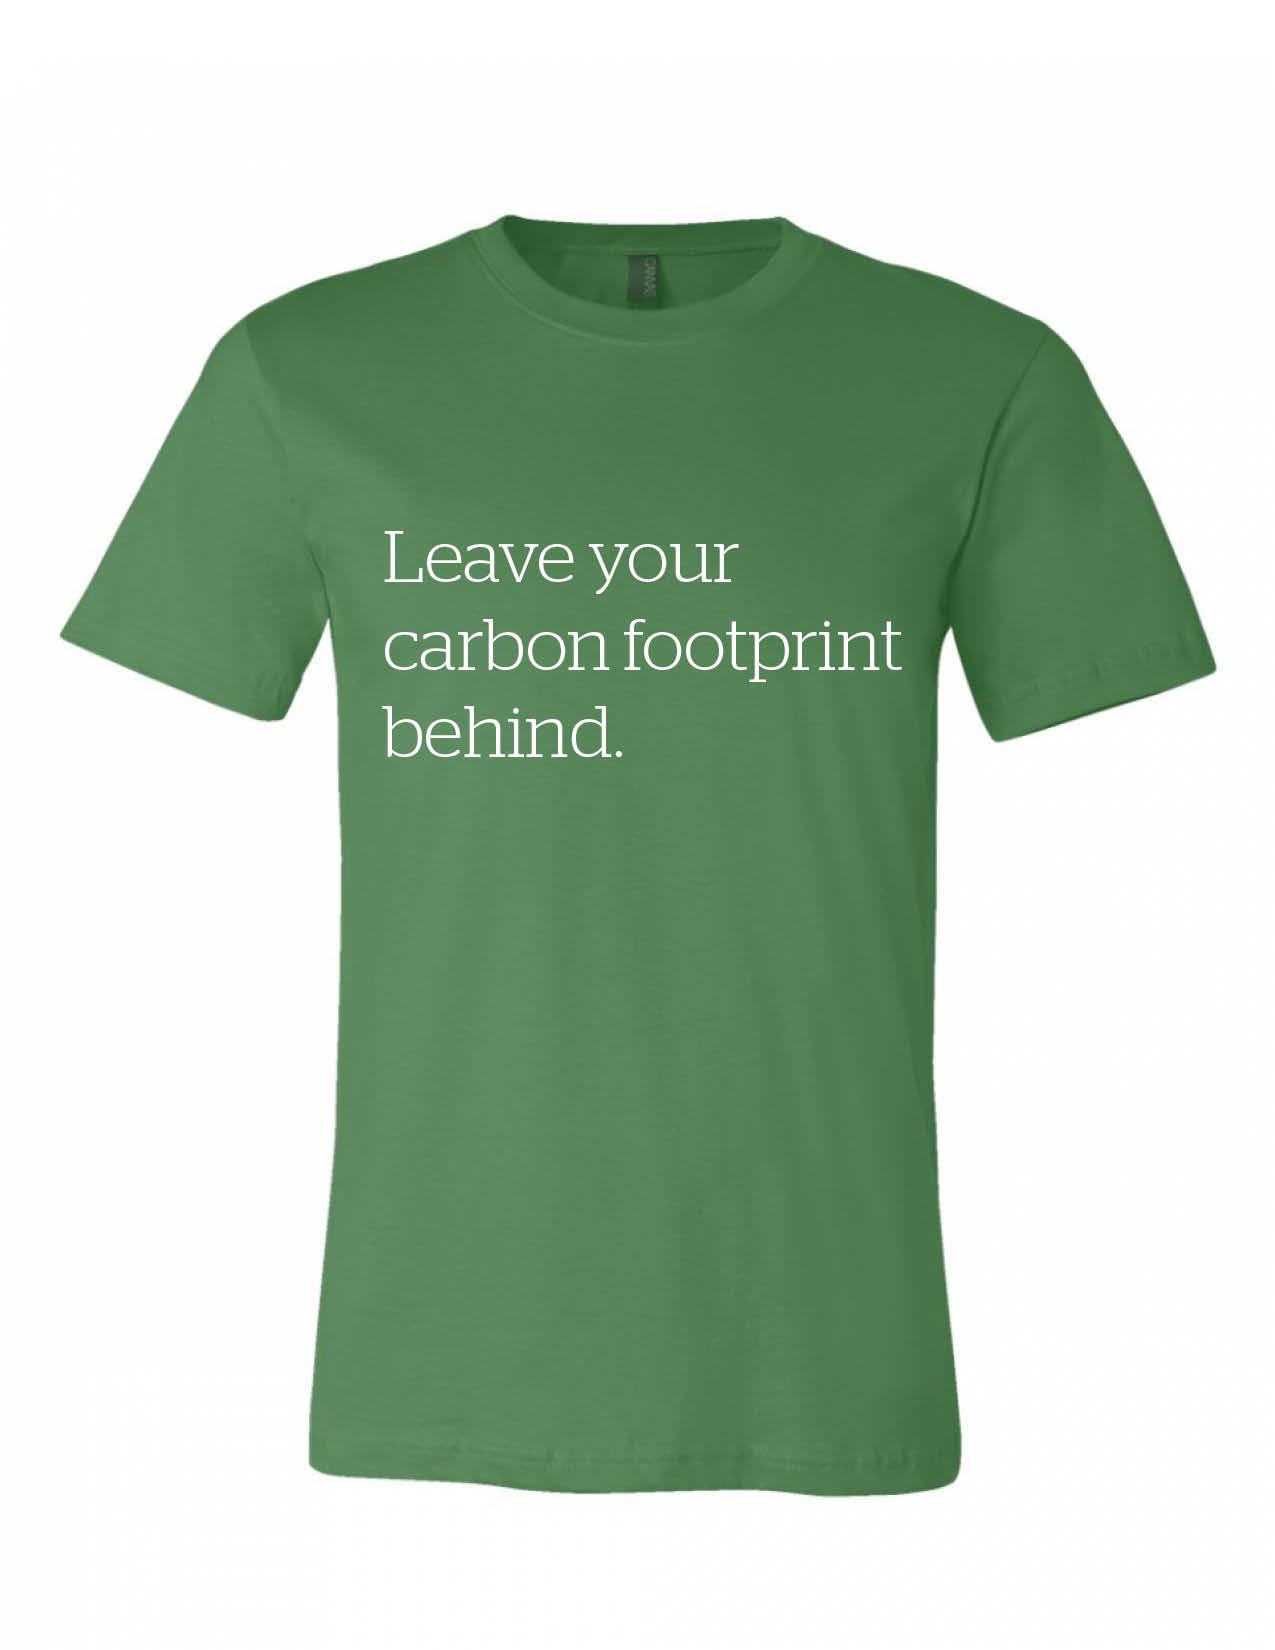 LYCFB Shirt_Website.jpg